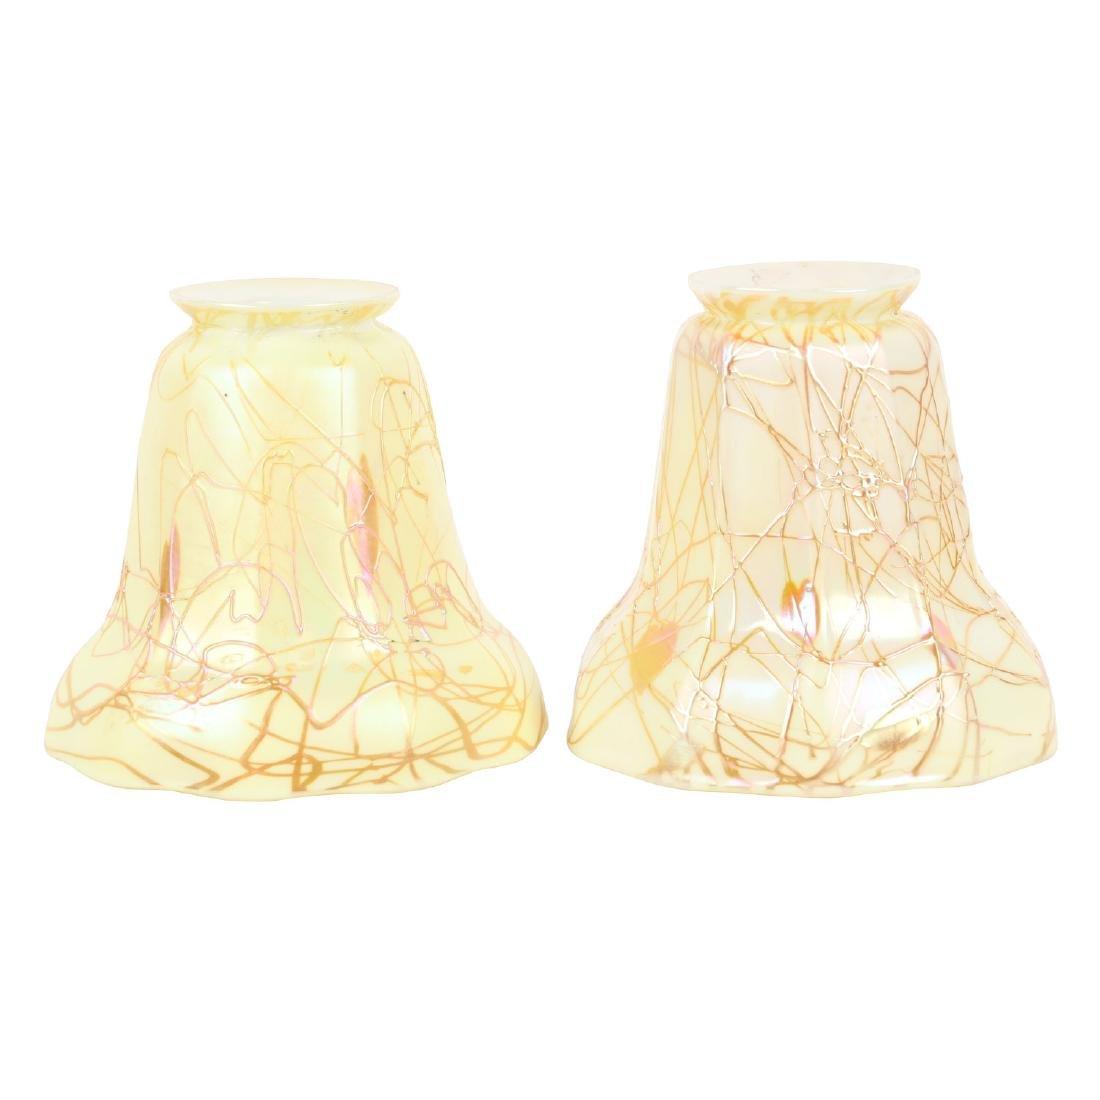 Steuben Art Glass Lamp Shades